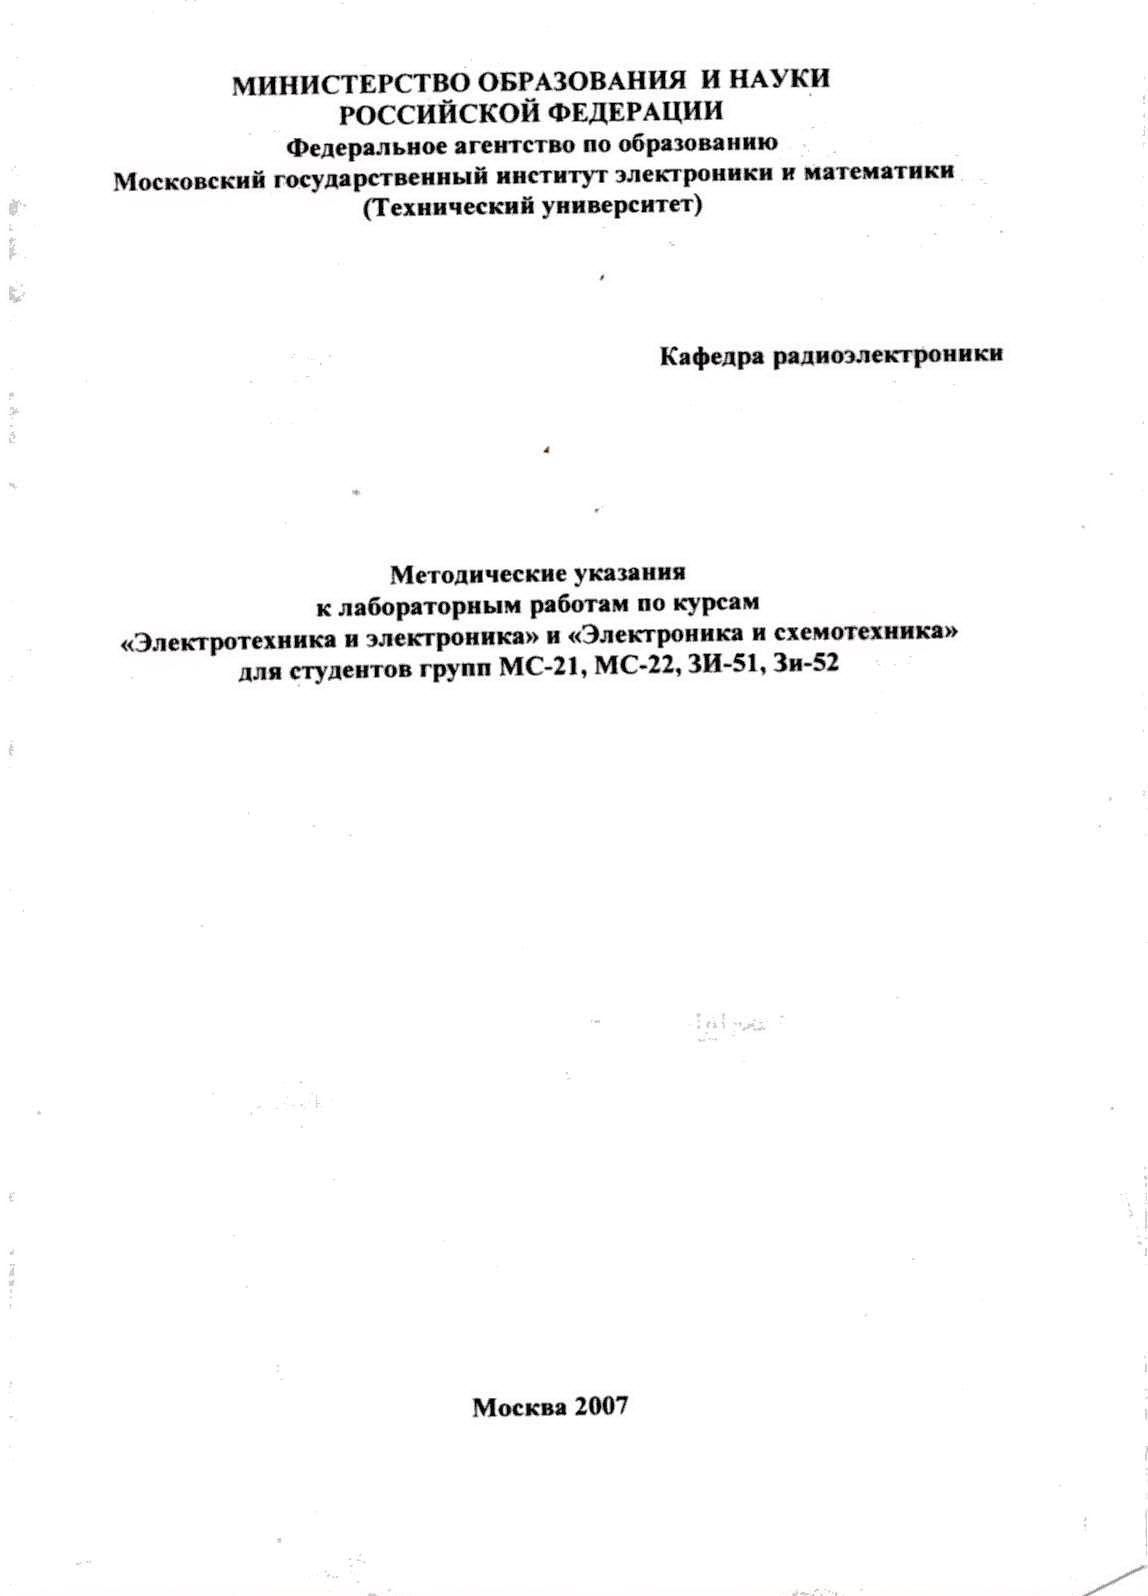 Методические указания к лабораторным работам по курсам «Электротехника и электроника» и «Электроника и схемотехника» для студентов групп МС21, МС22, ЗИ51, ЗИ52